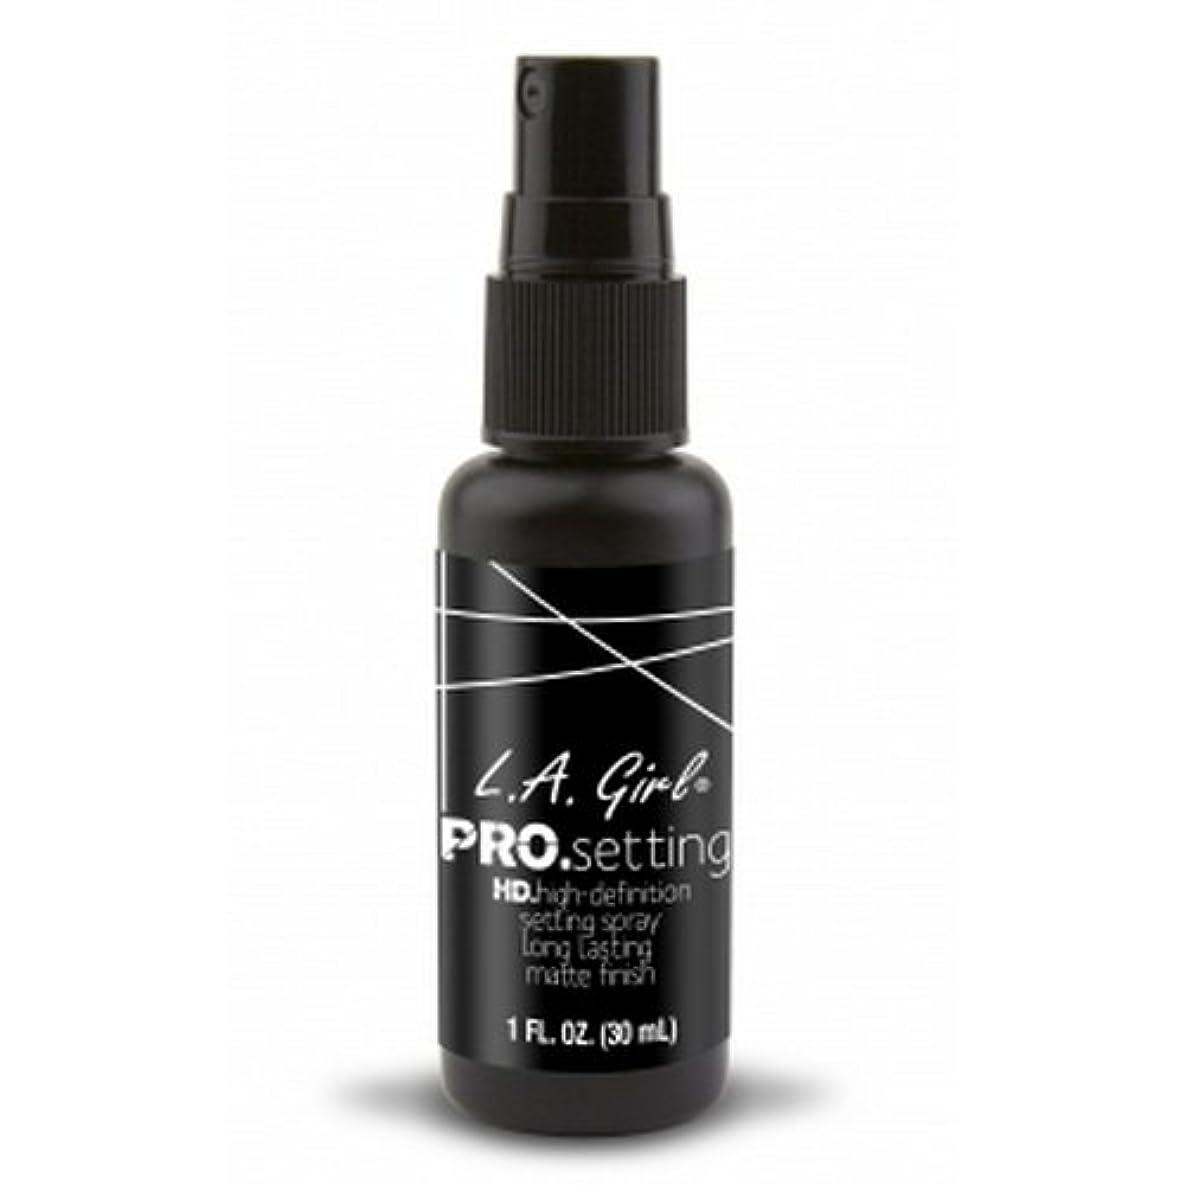 羽生きるパンフレット(3 Pack) L.A. GIRL Pro Setting Spray - Matte Finish (並行輸入品)